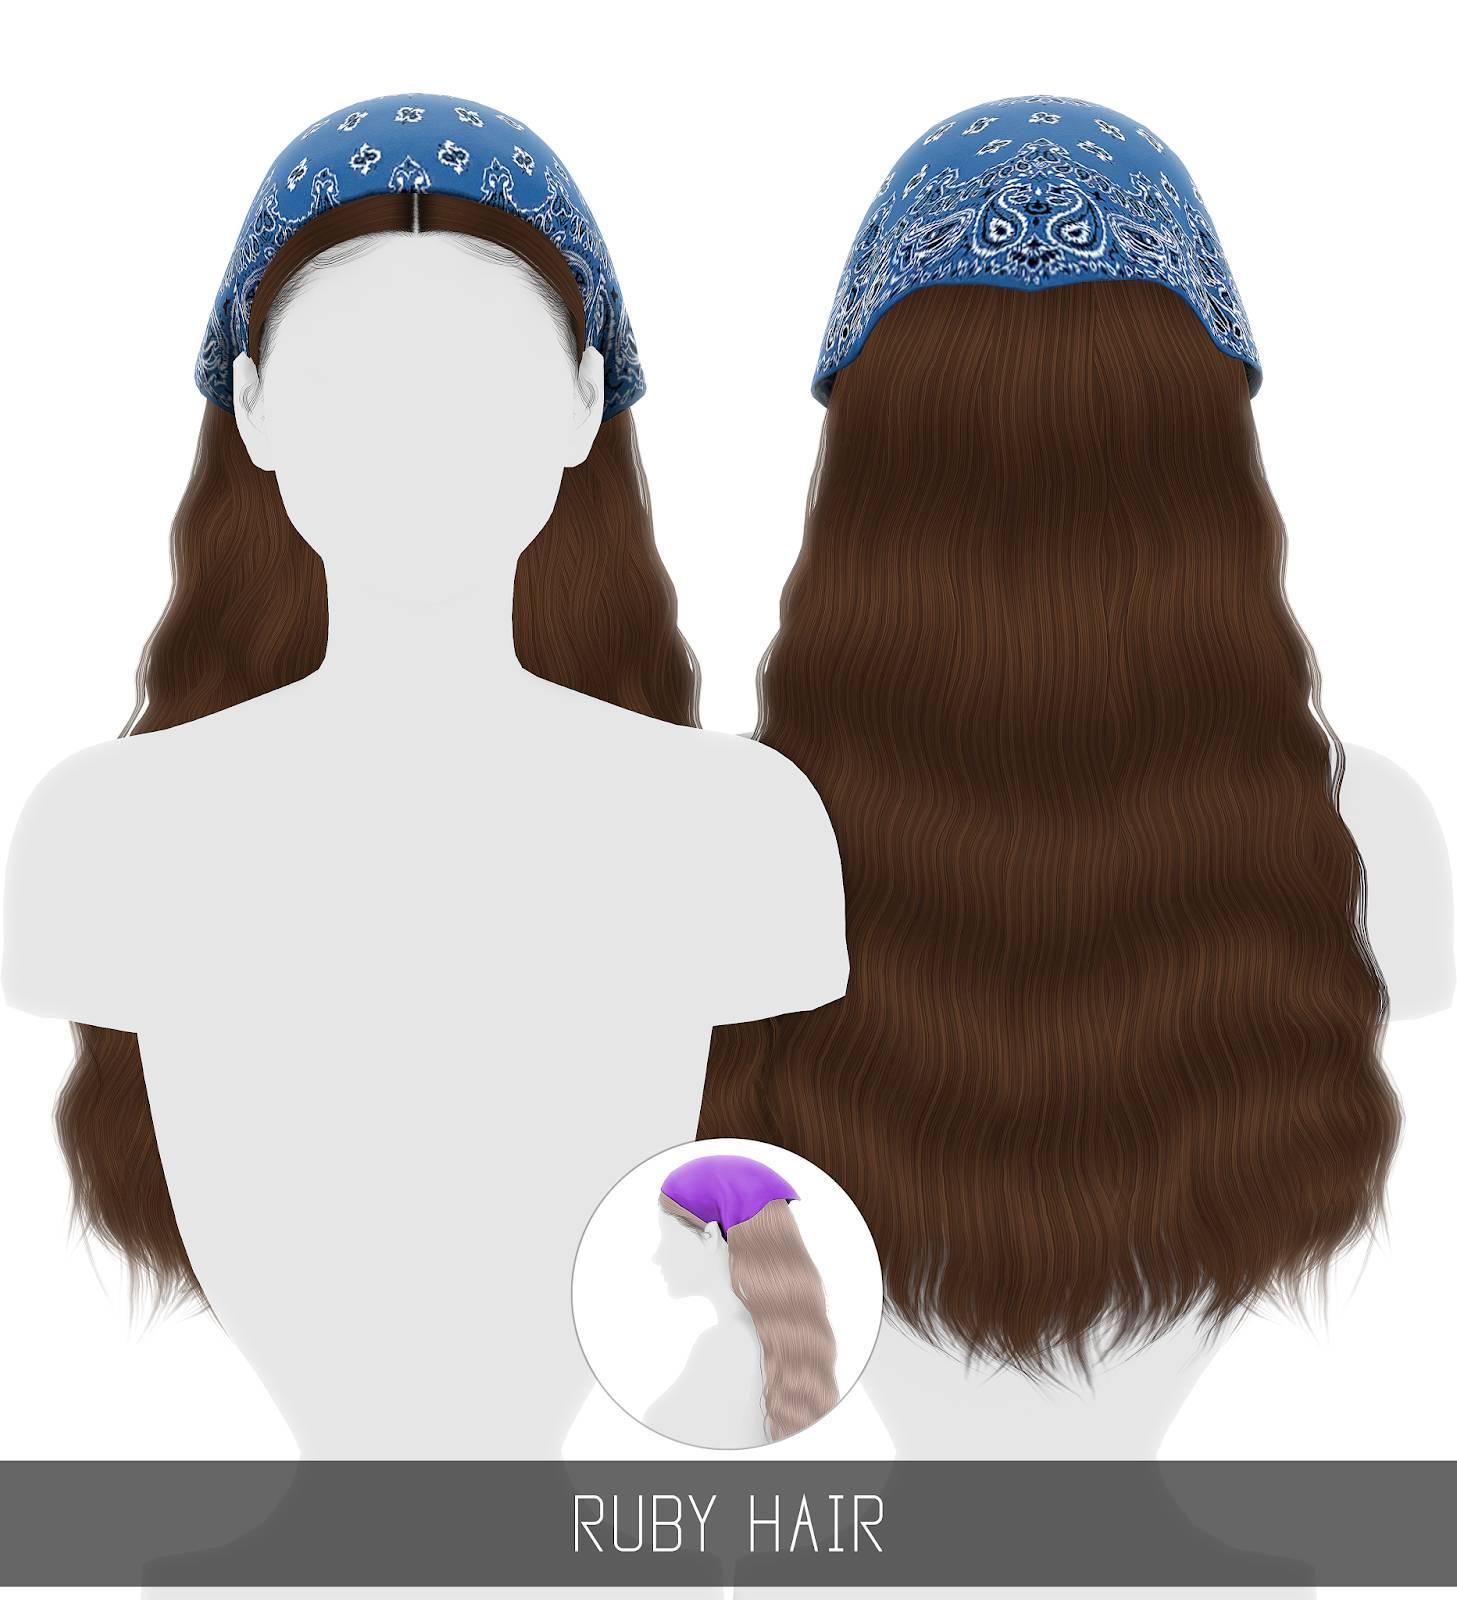 Женская прическа - RUBY HAIR